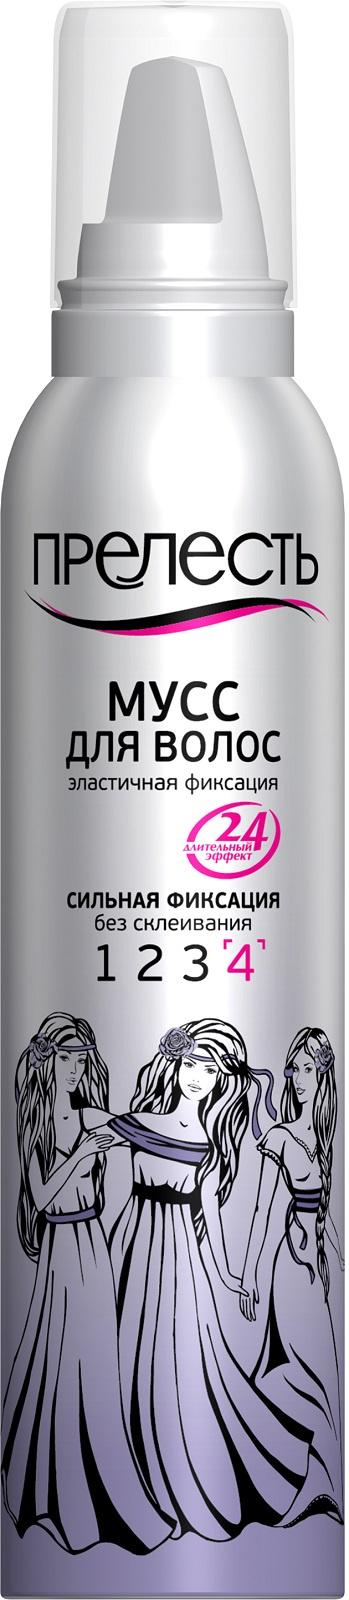 Мусс для волос Прелесть сильной фиксации, 160 мл для волос zhigpvest отзывы